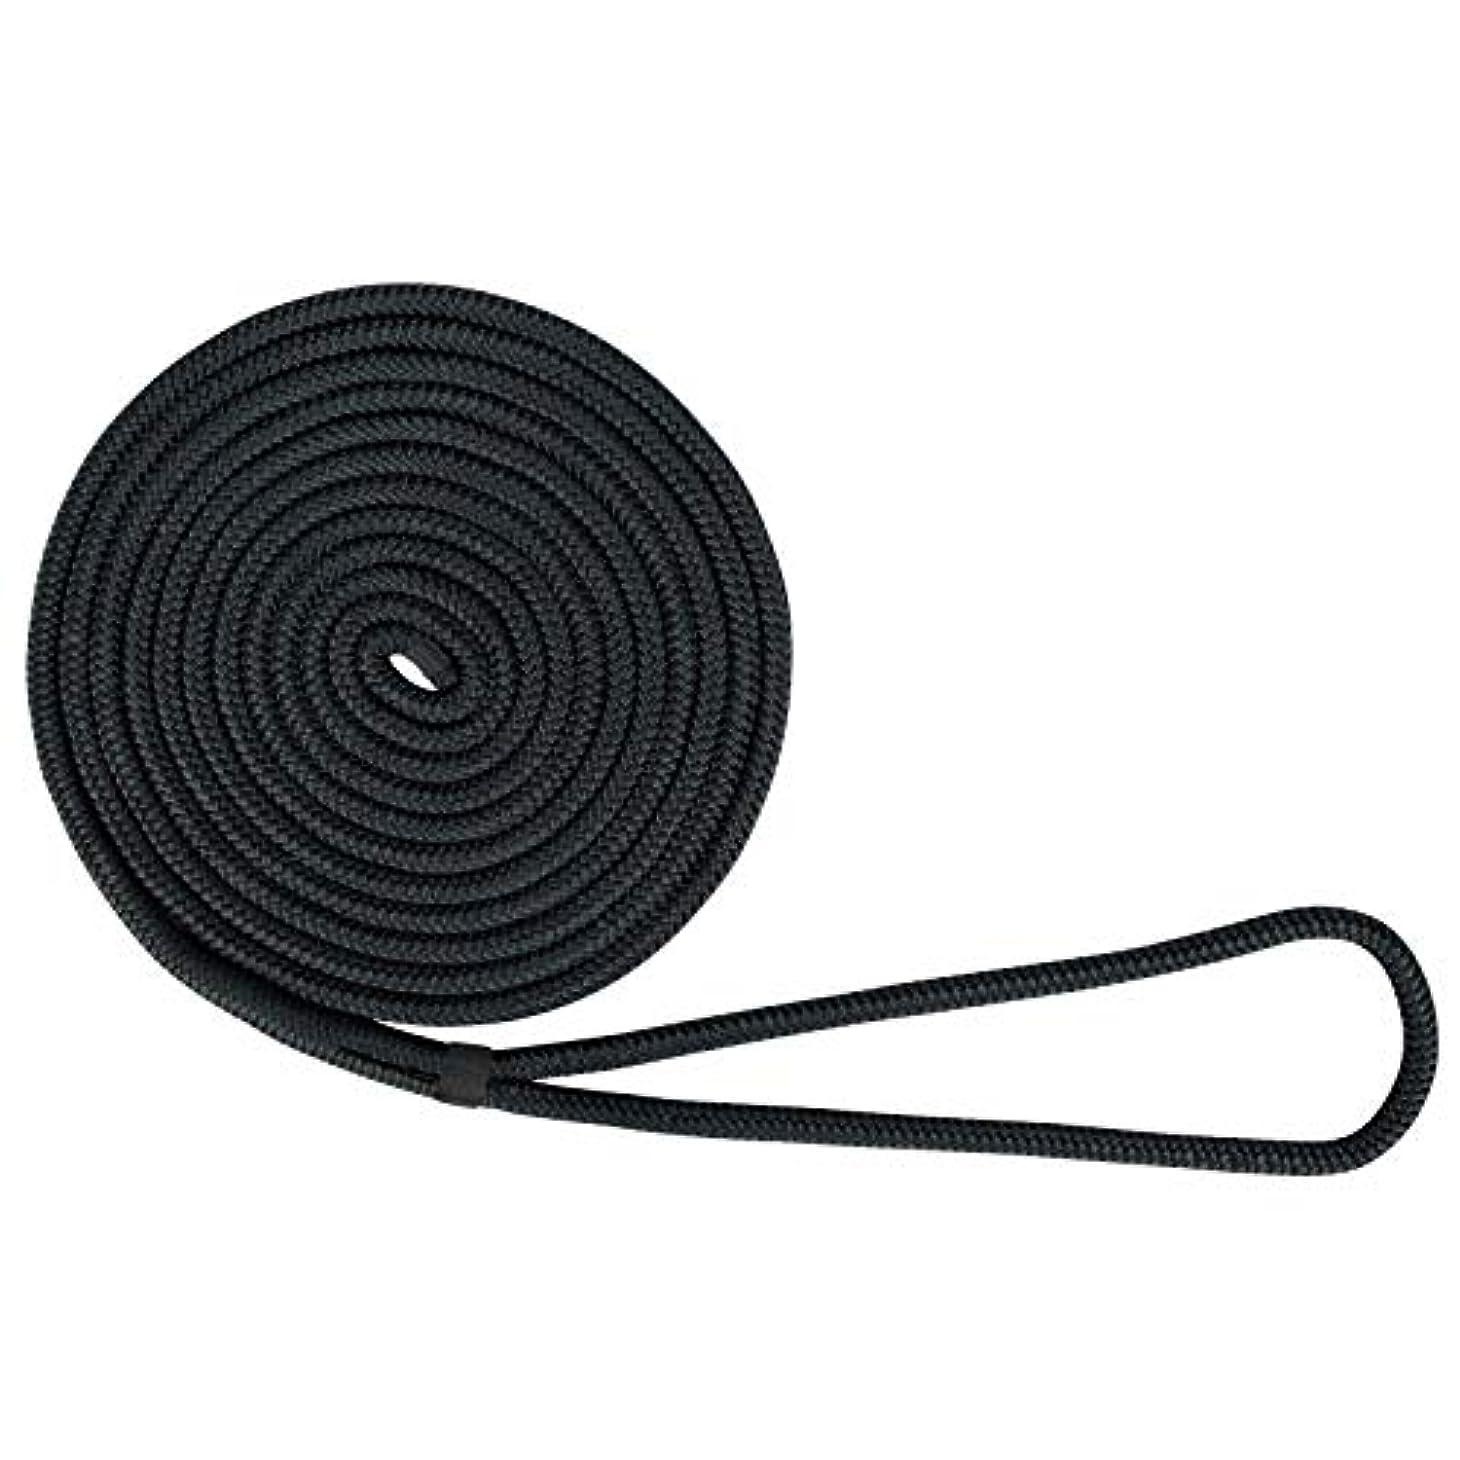 集中寛解委託US Ropes ナイロンダブル編みドックライン 3/8インチ x 25フィート ブラック